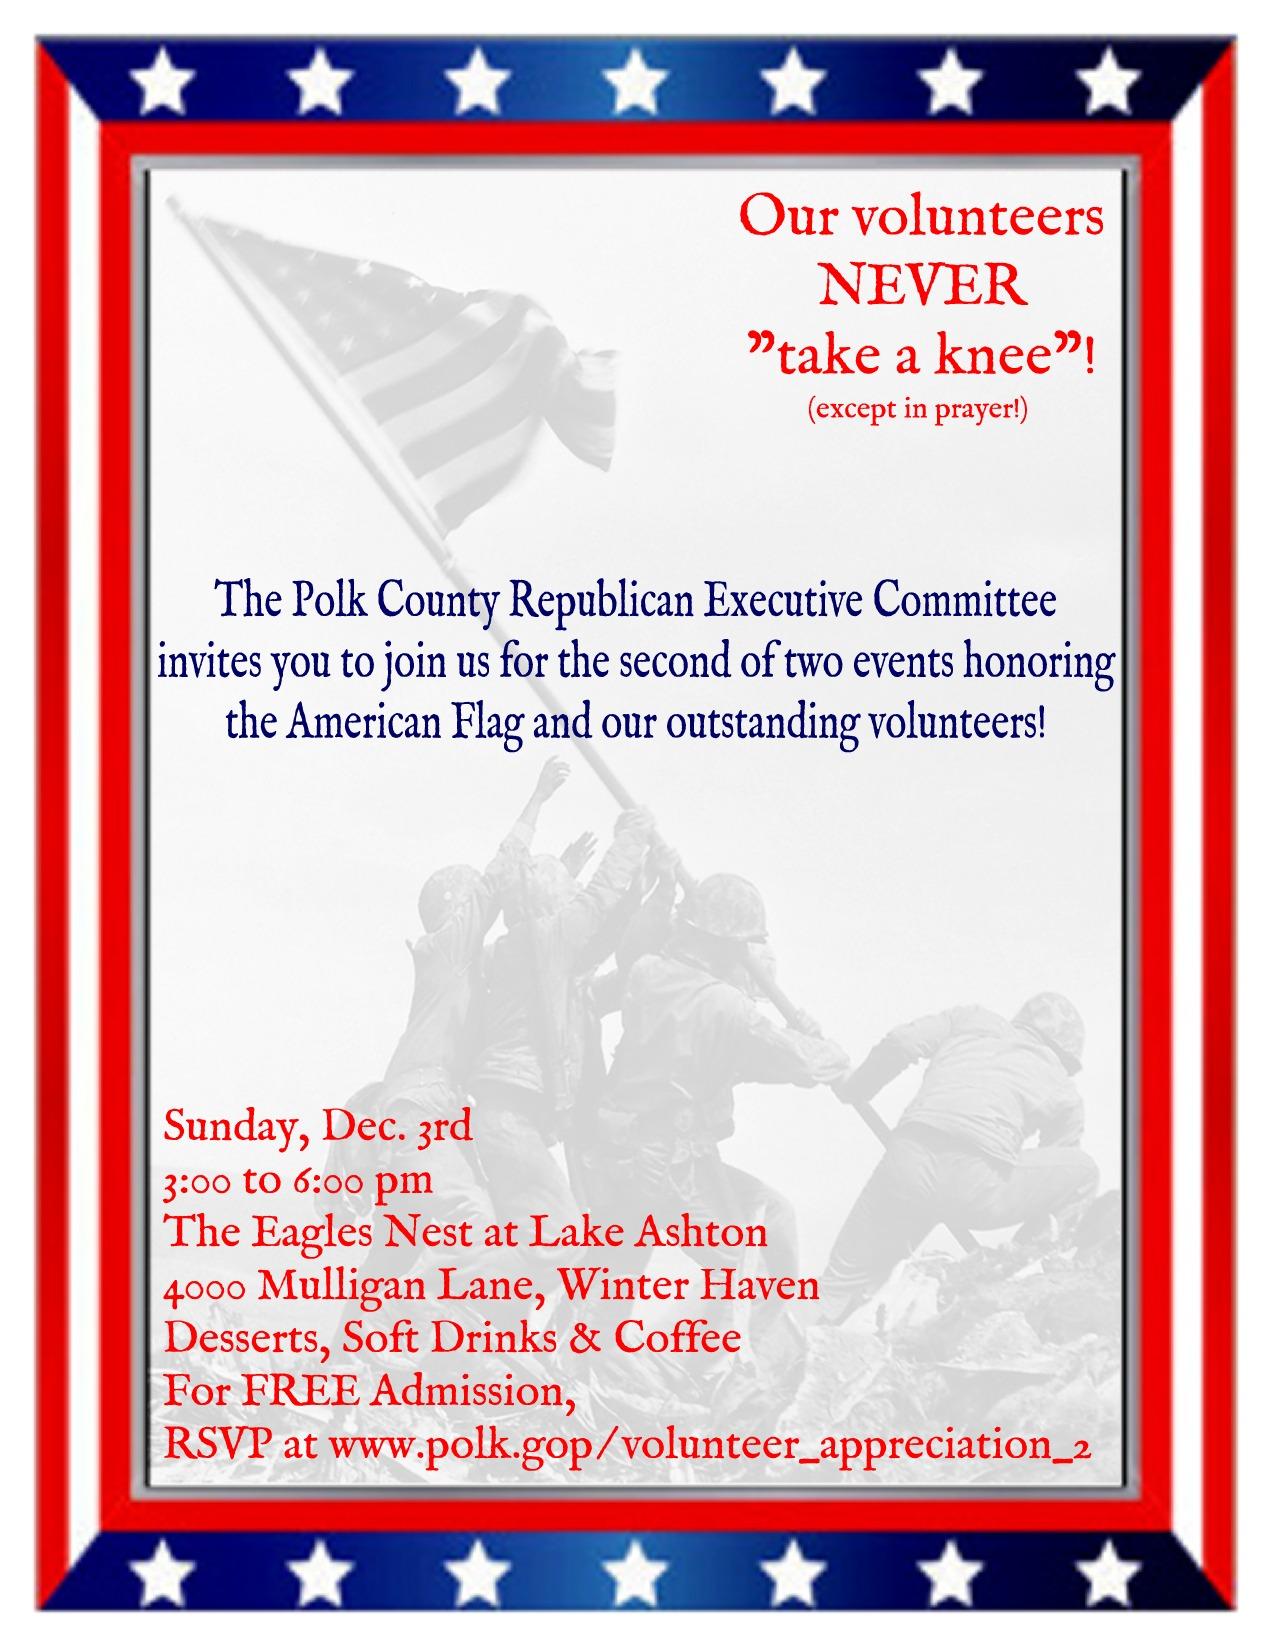 Polk_GOP_Volunteer_Appreciation_2_Flyer.jpg